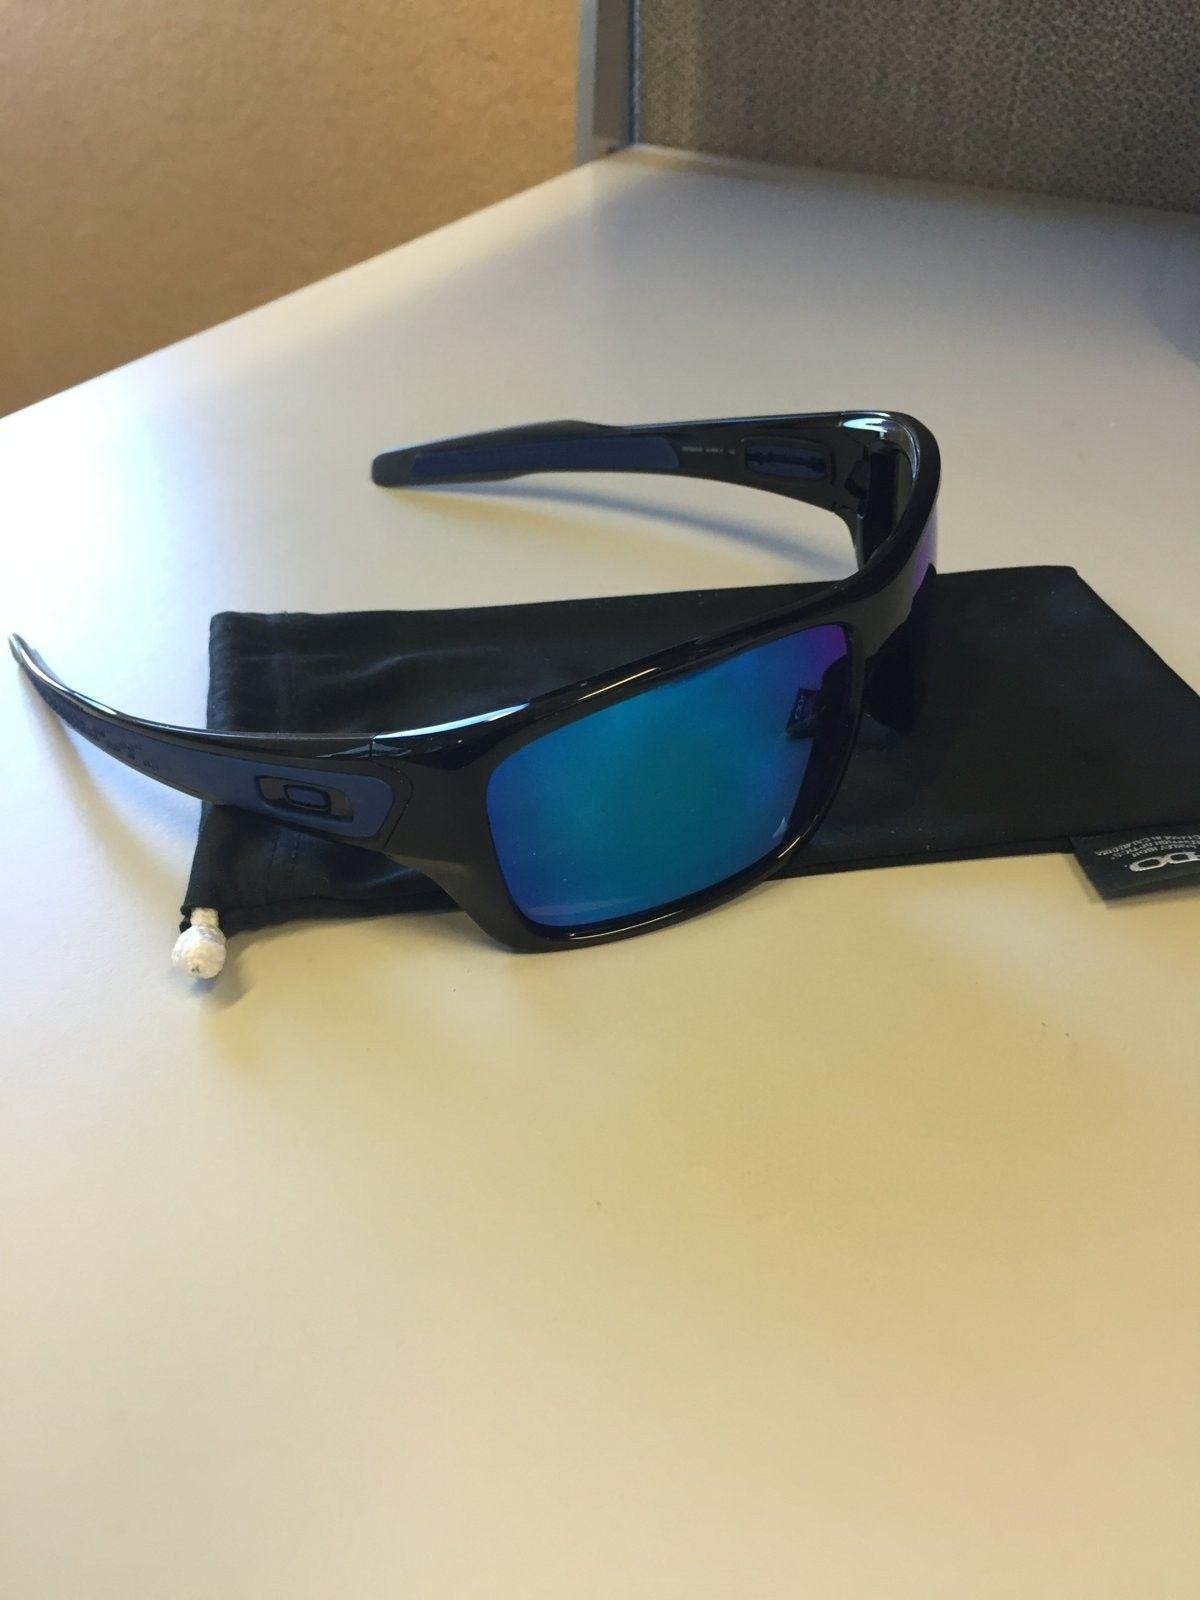 Mint Oakley Turbine Sunglasses Black Ink w/ Sapphire Iridium  $90 All In - IMG_1538.JPG